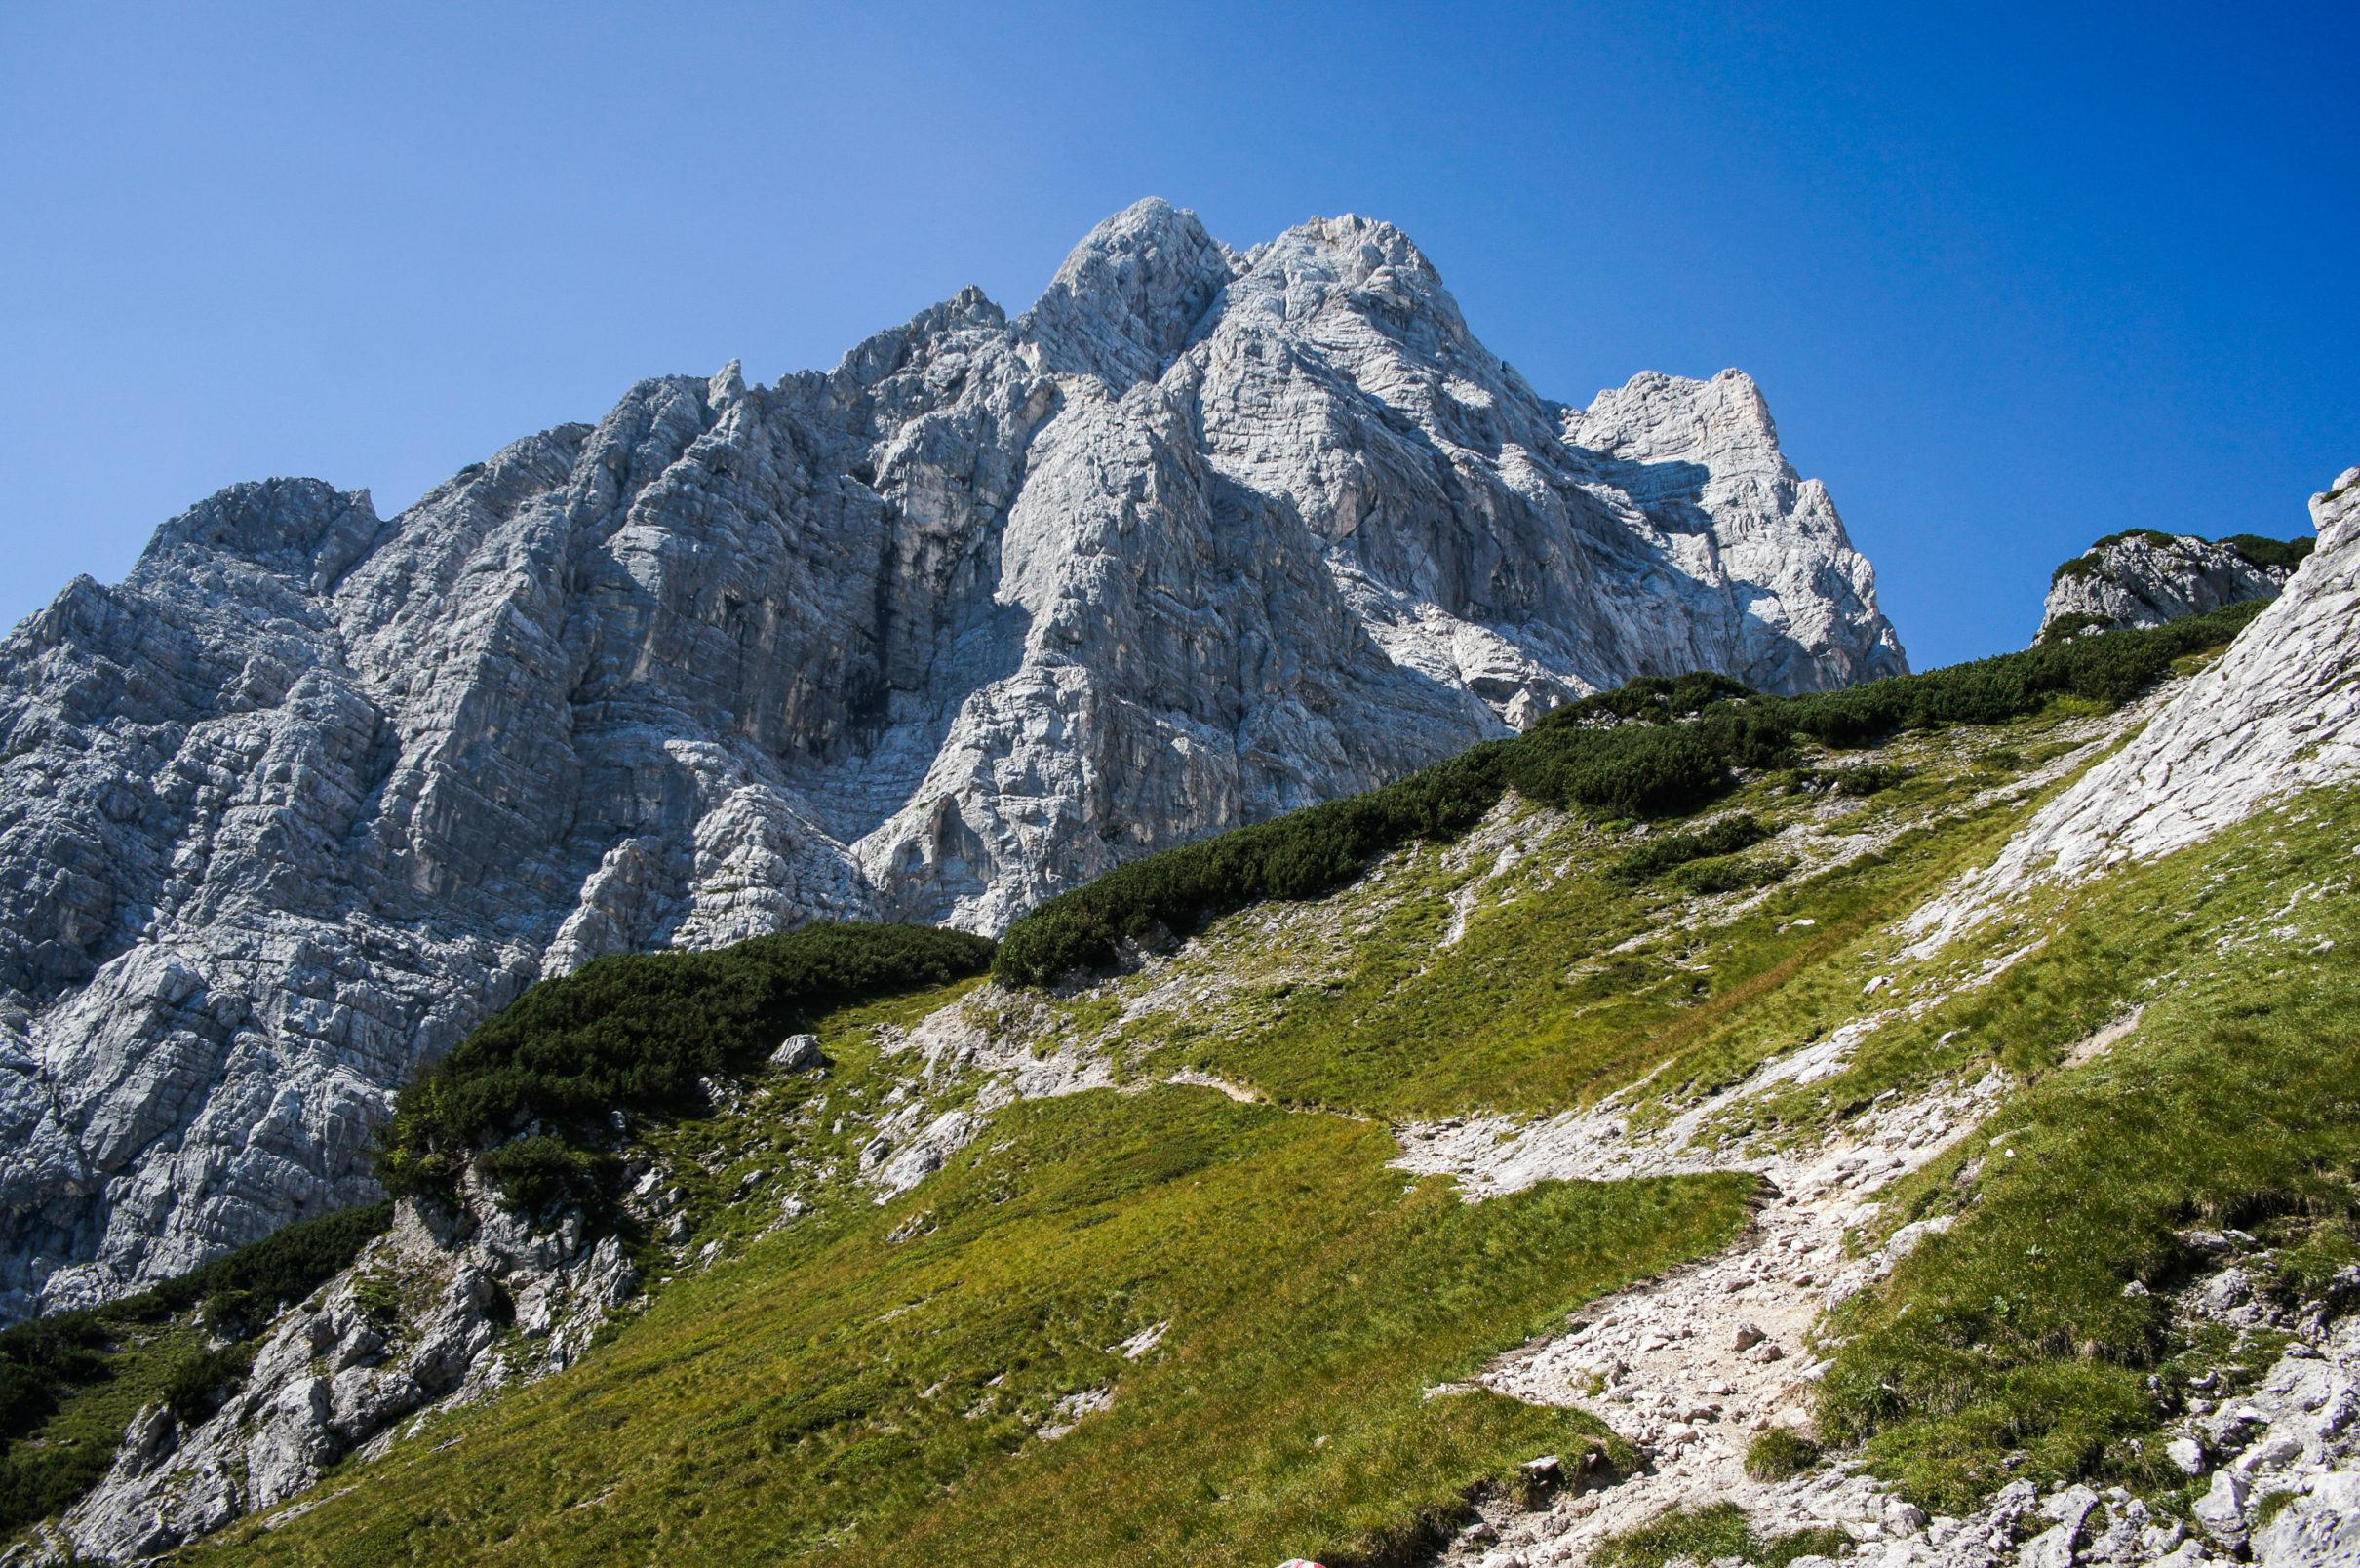 Klettersteig Leopoldsteinersee : Heli kraft klettersteig am hochkar